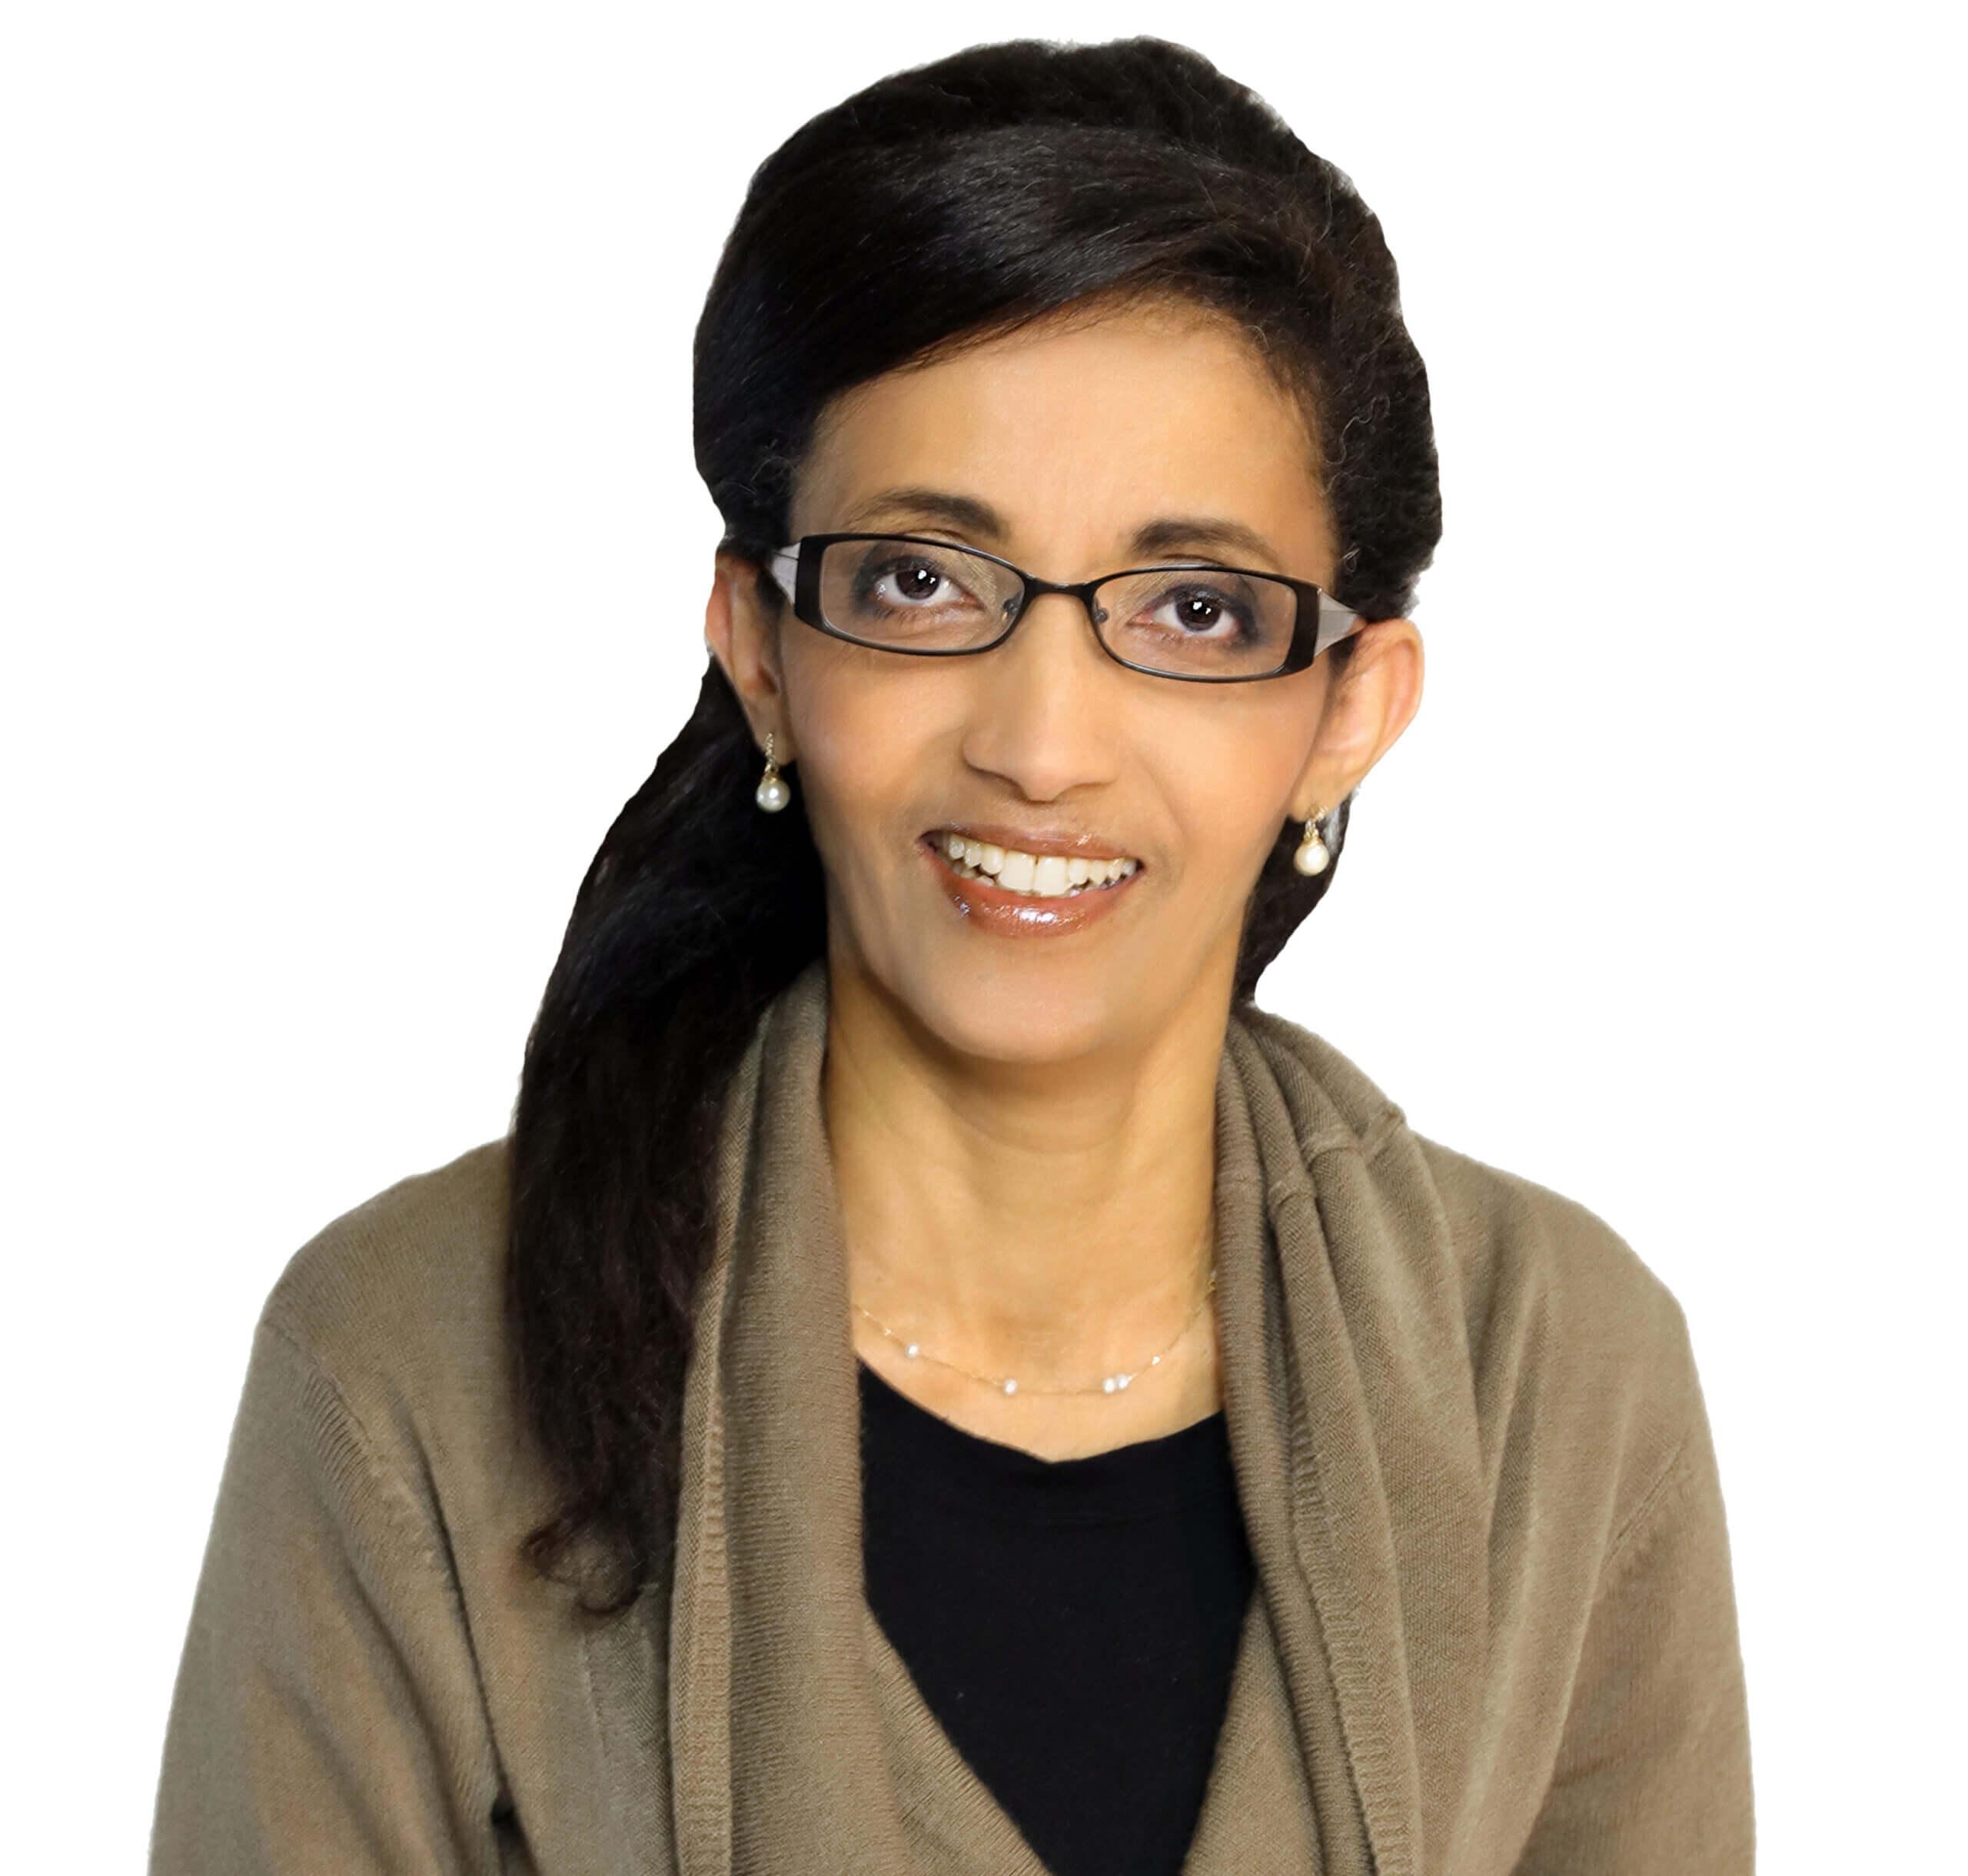 Abeba Belay